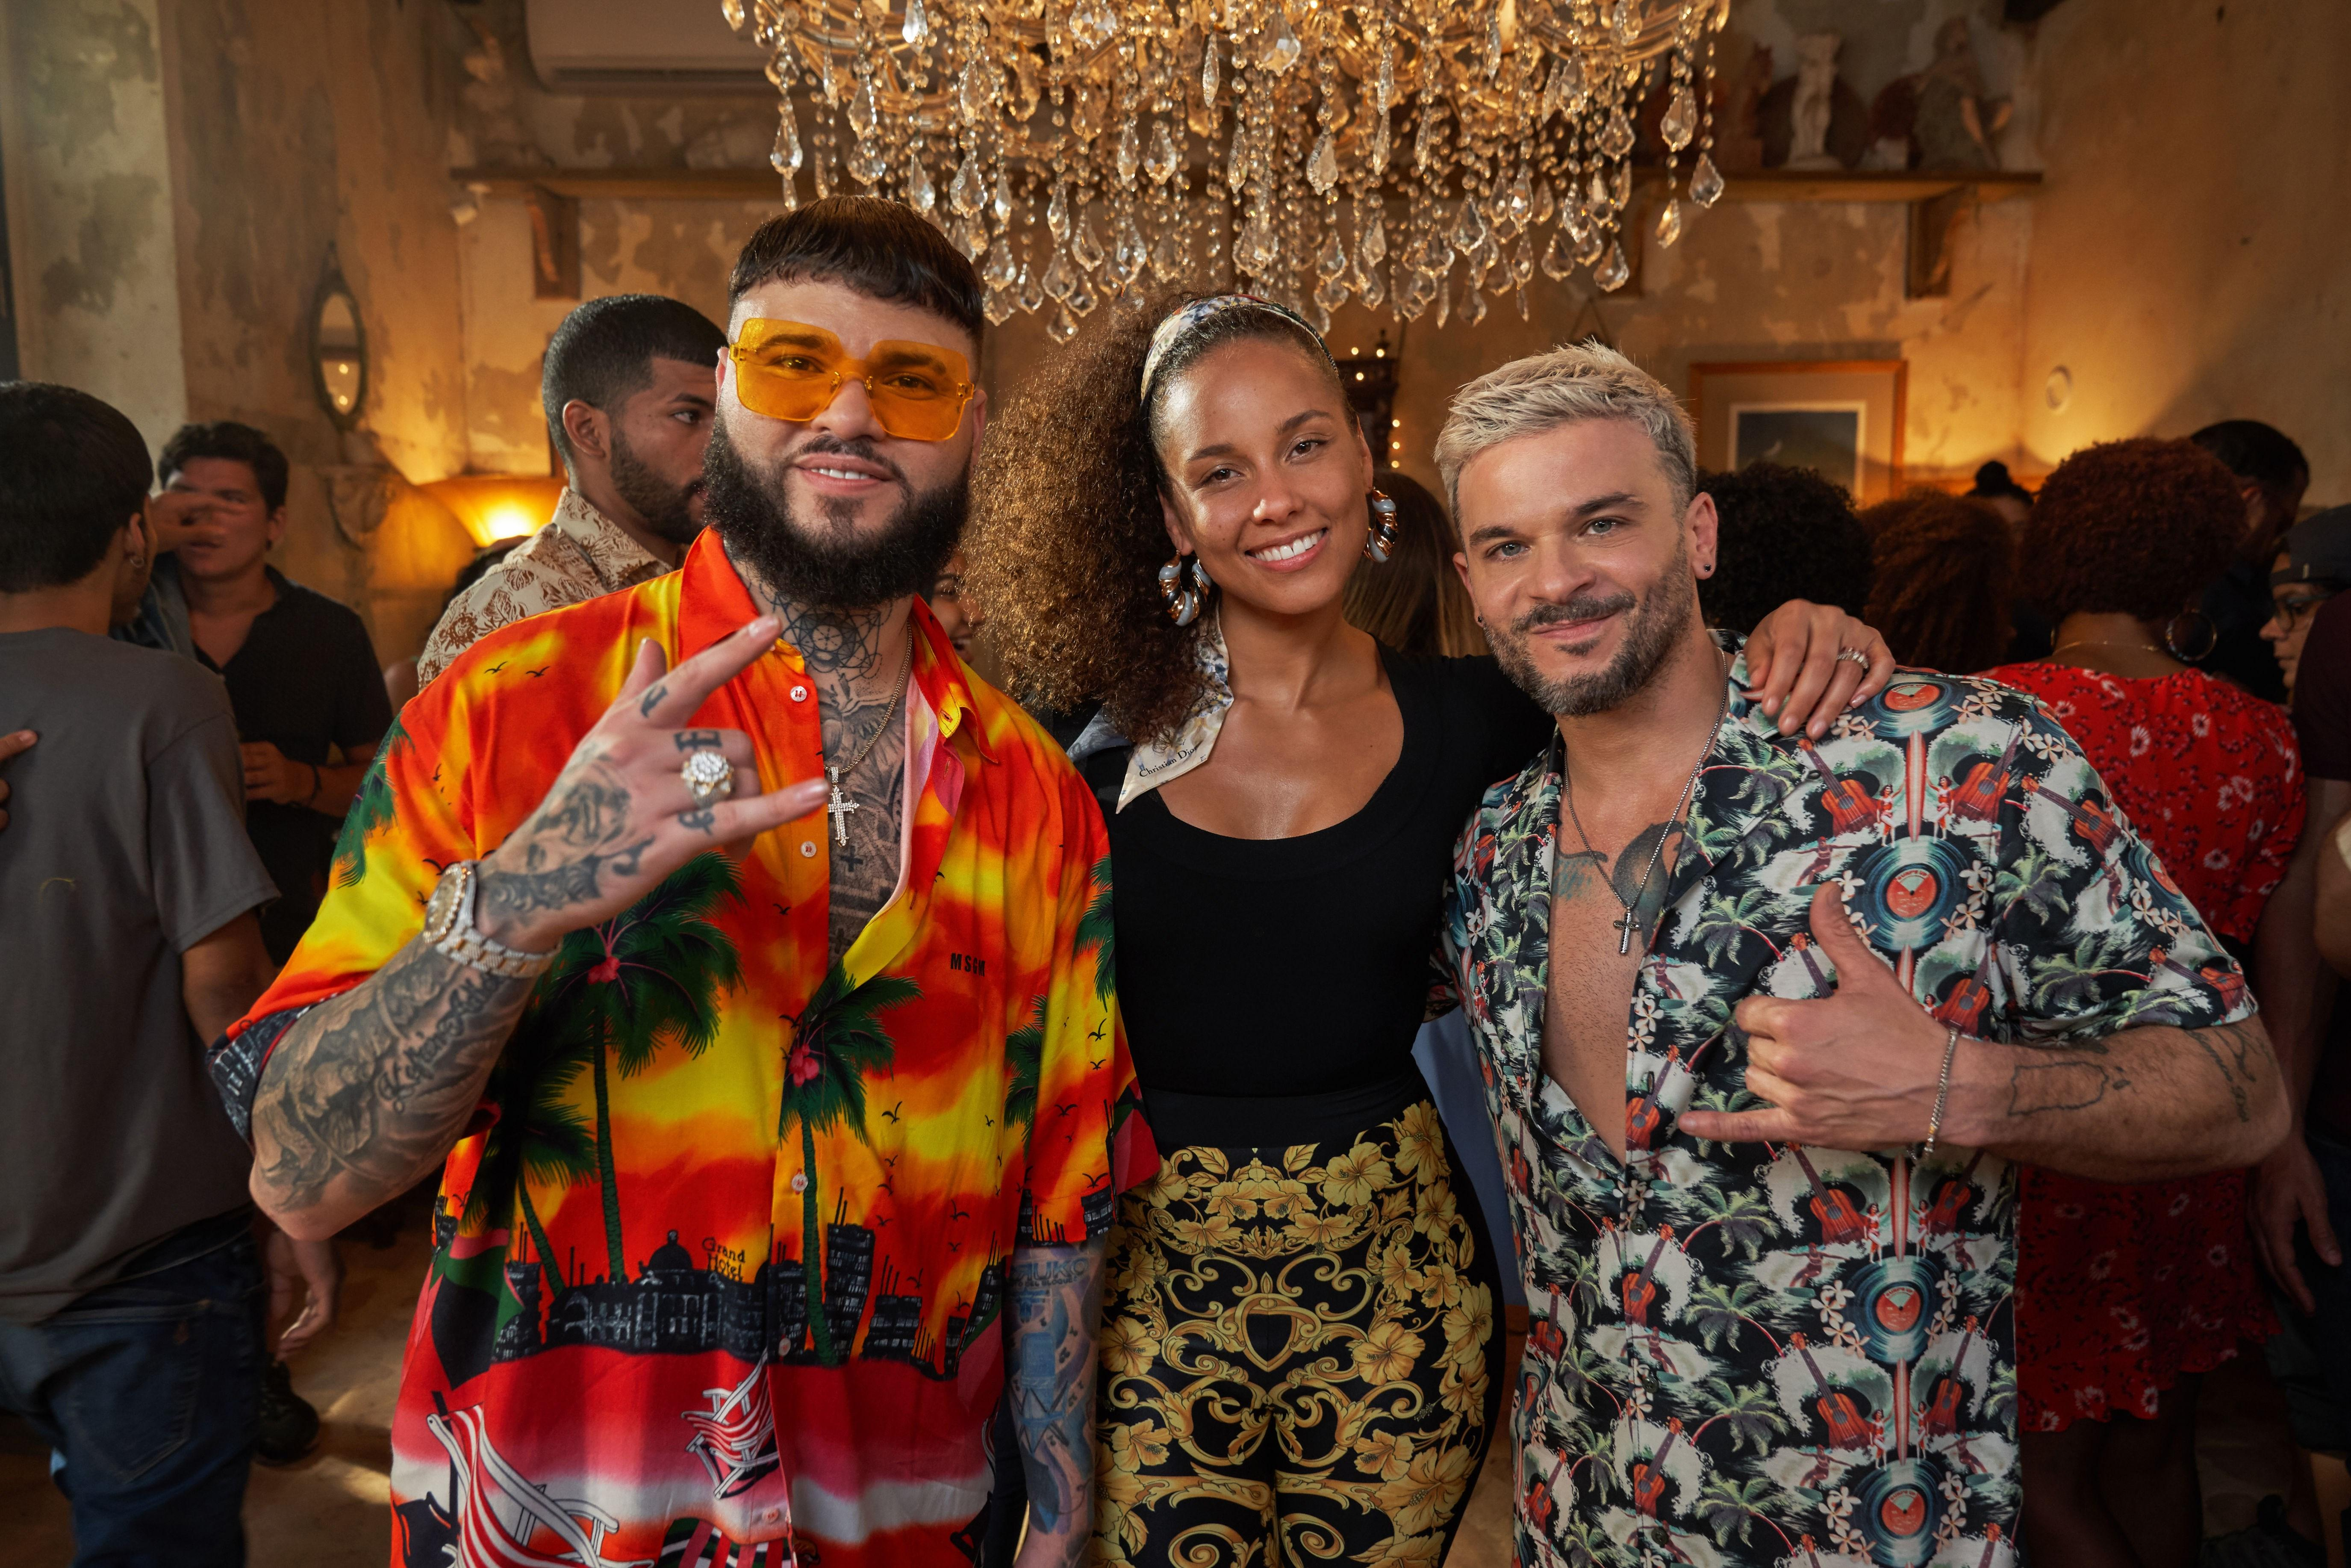 """""""Calma (Alicia Remix)"""" será difundida en todas las plataformas junto al vídeo musical de la canción, grabado por los tres intérpretes en las playas y calles de San Juan de Puerto Rico, informó la casa disquera Sony. Foto Prensa Libre: EFE."""